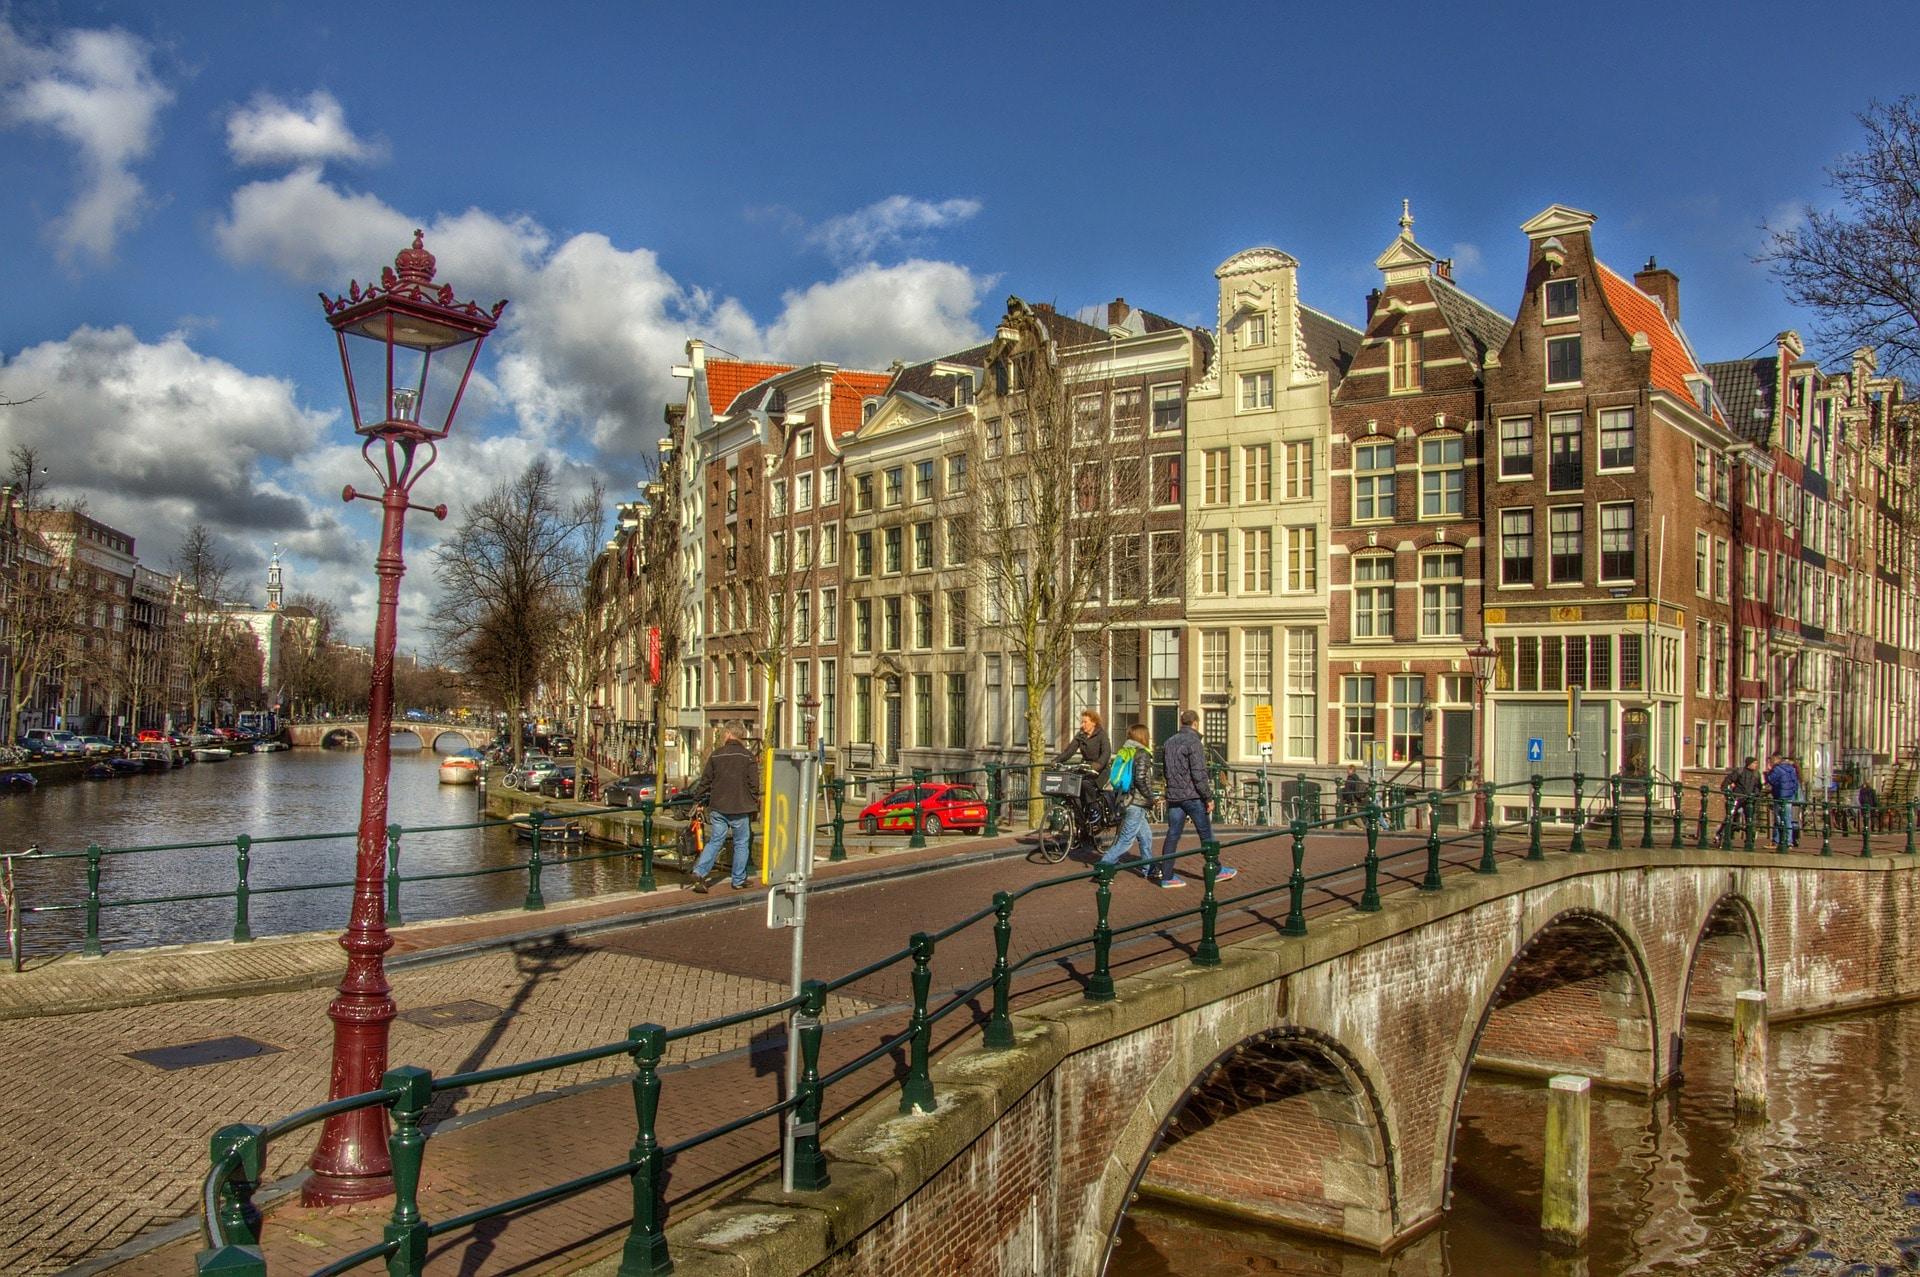 Quer durch Europa, Amsterdam